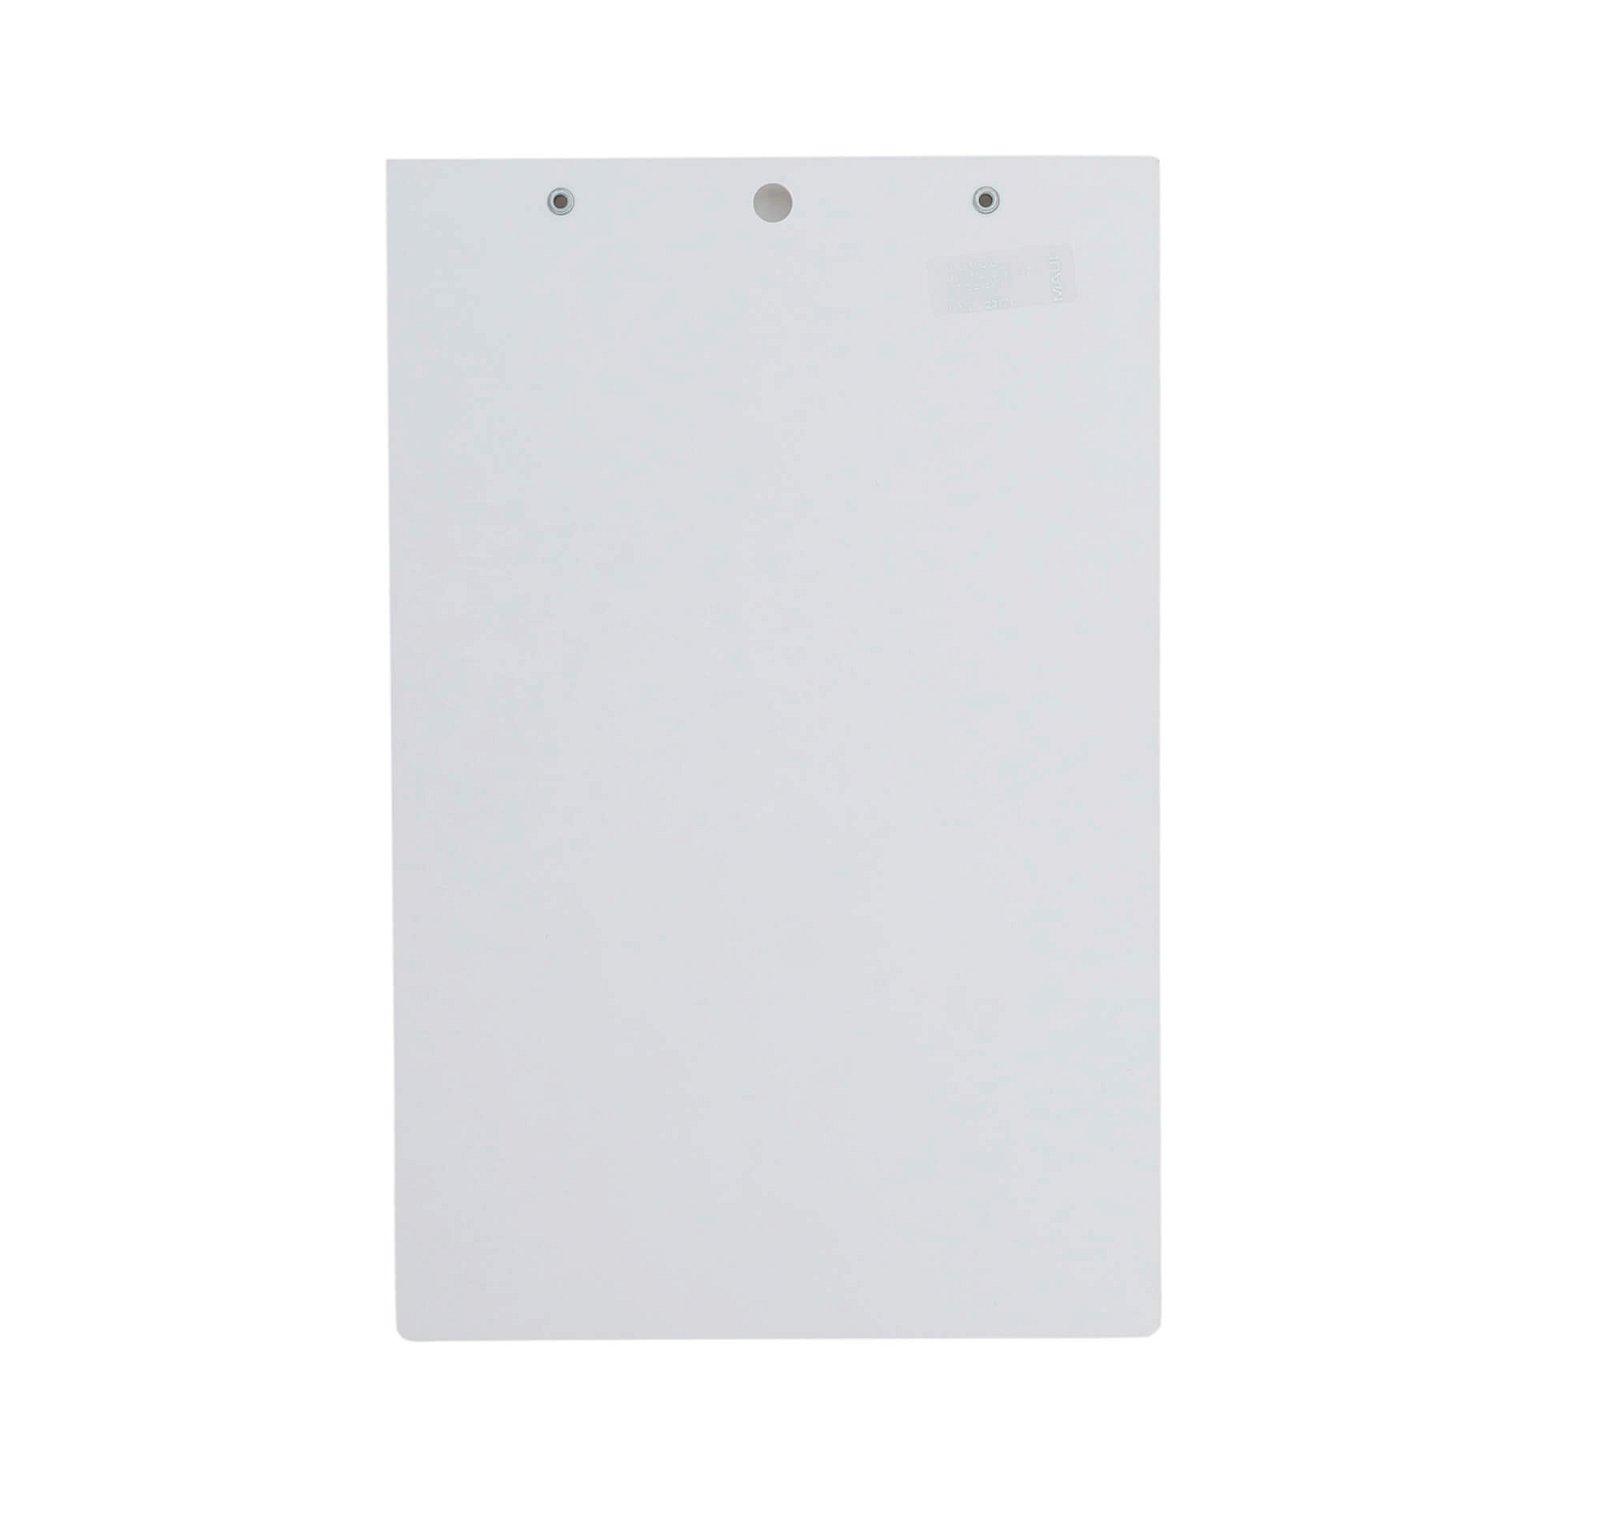 A5 Schreibplatte MAULpro Kunststoff Klemmer kurze Seite, weiß